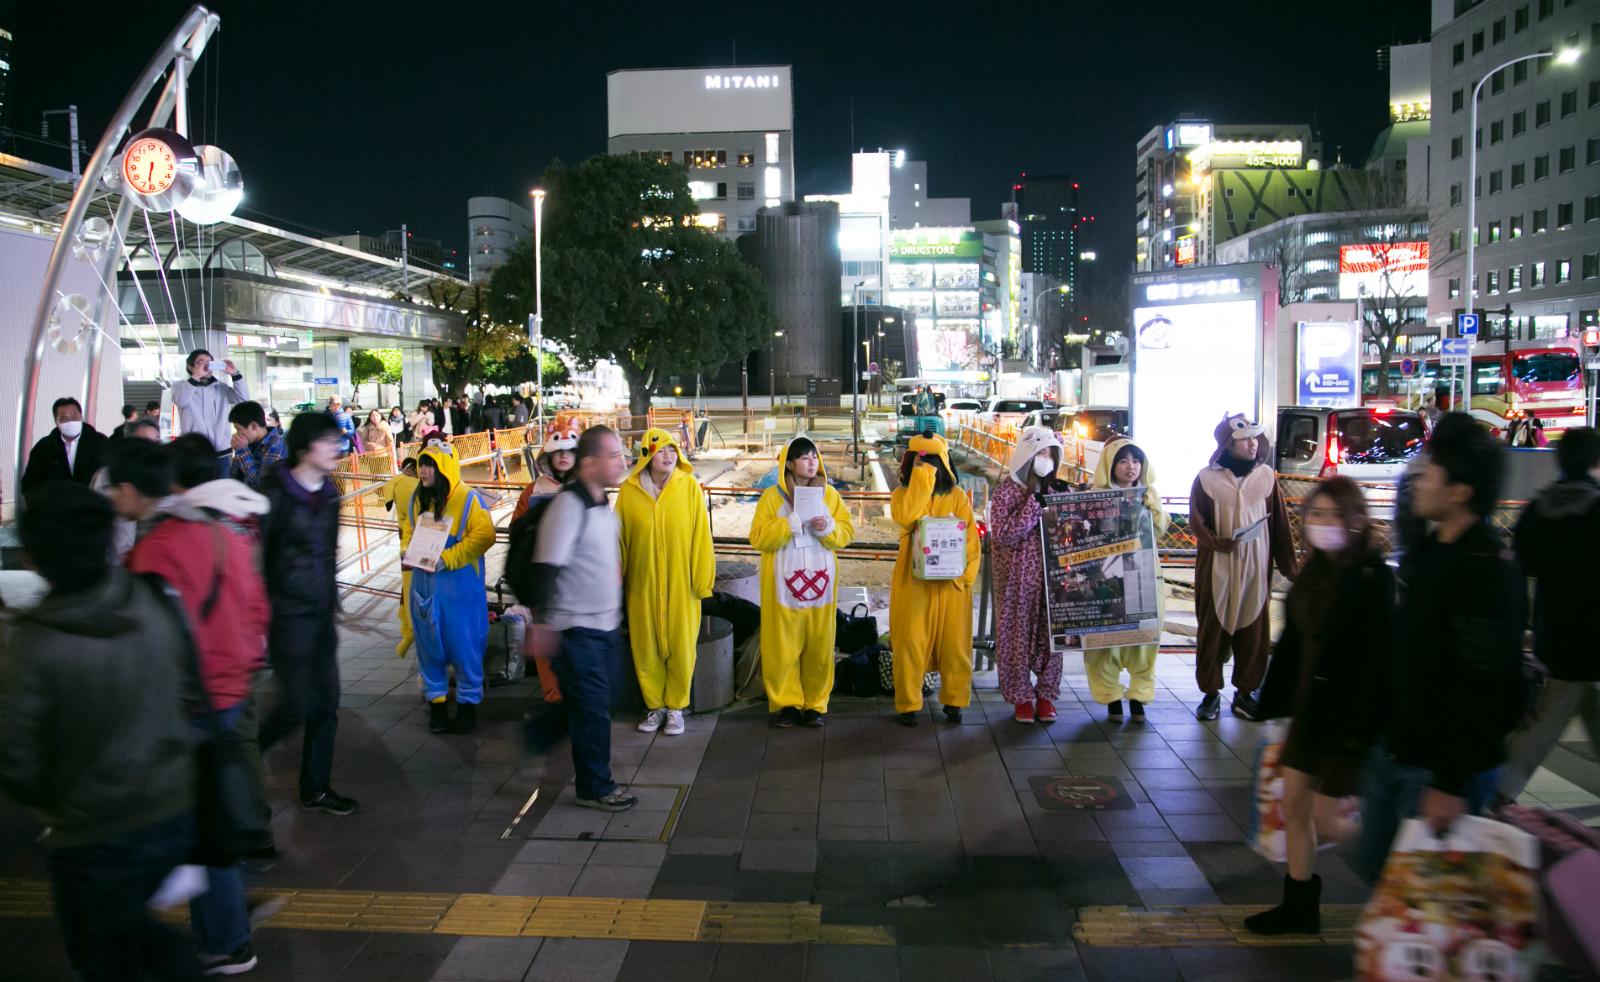 NPO法人「全国こども福祉センター」が行っている夜の街頭活動の様子